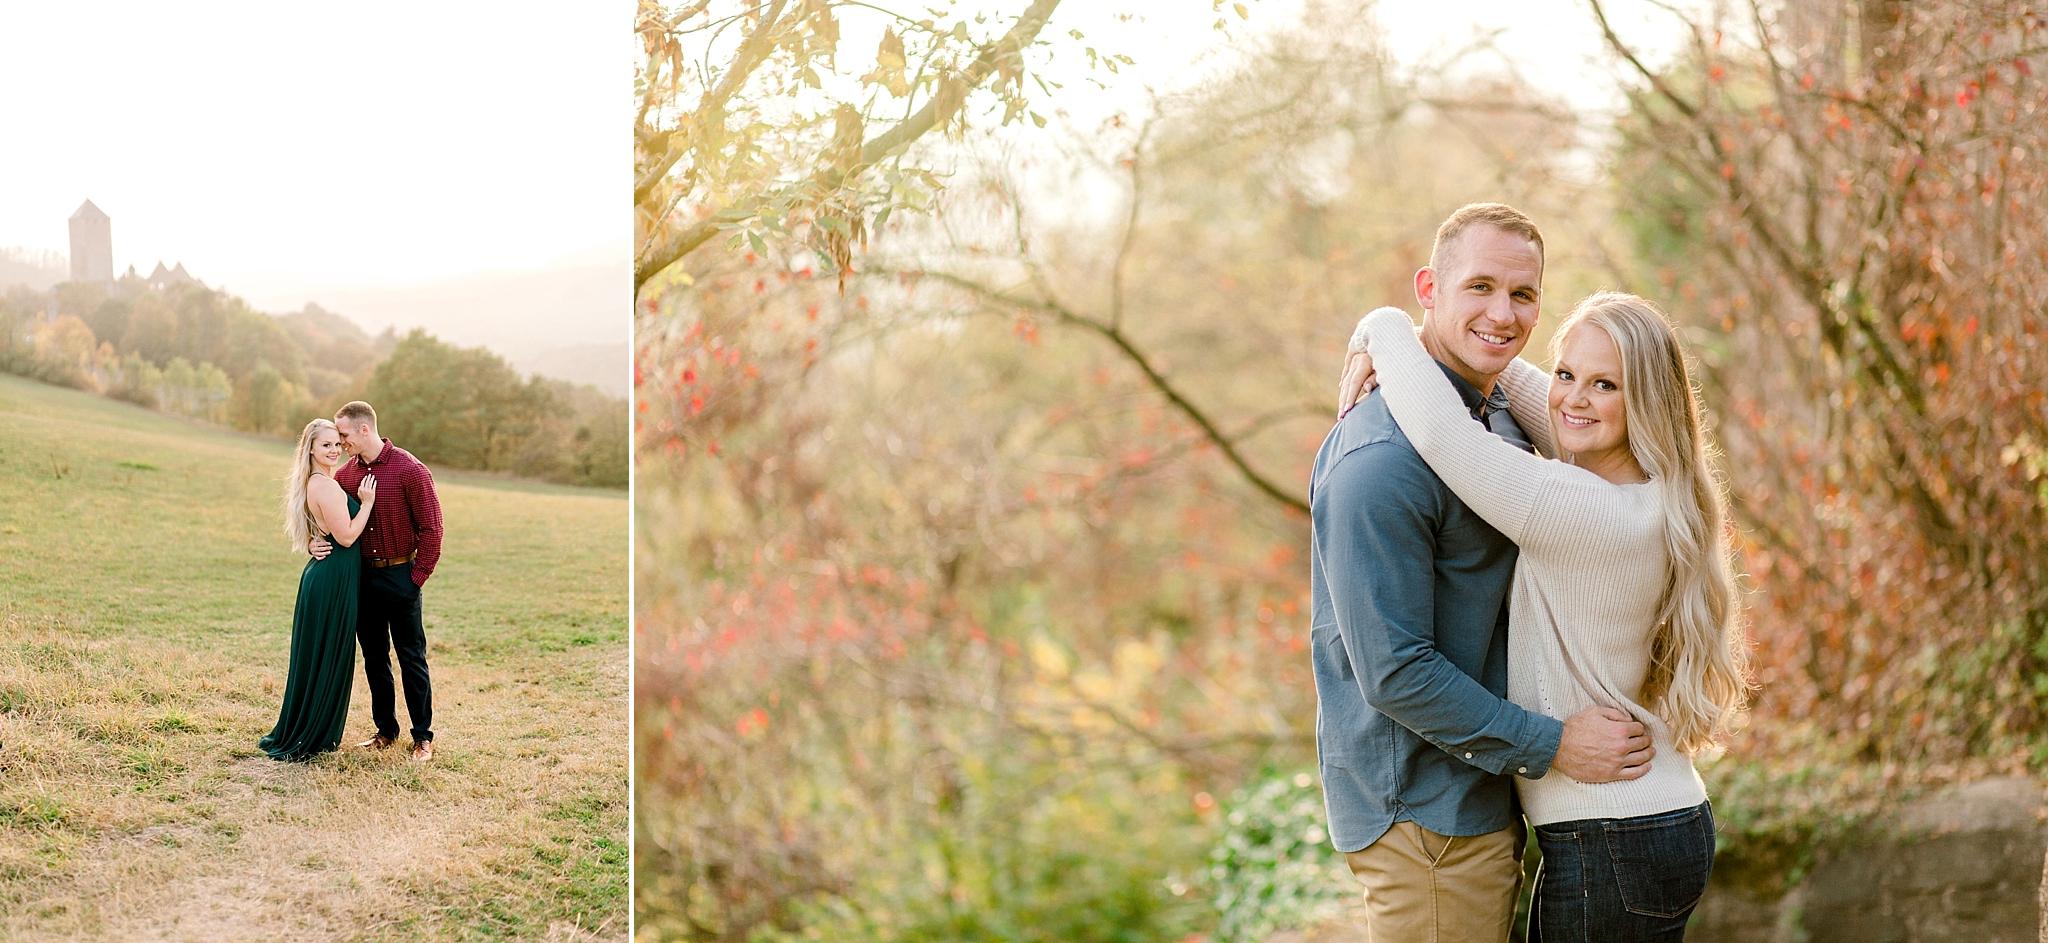 @Kaitlyn Heacock Photography